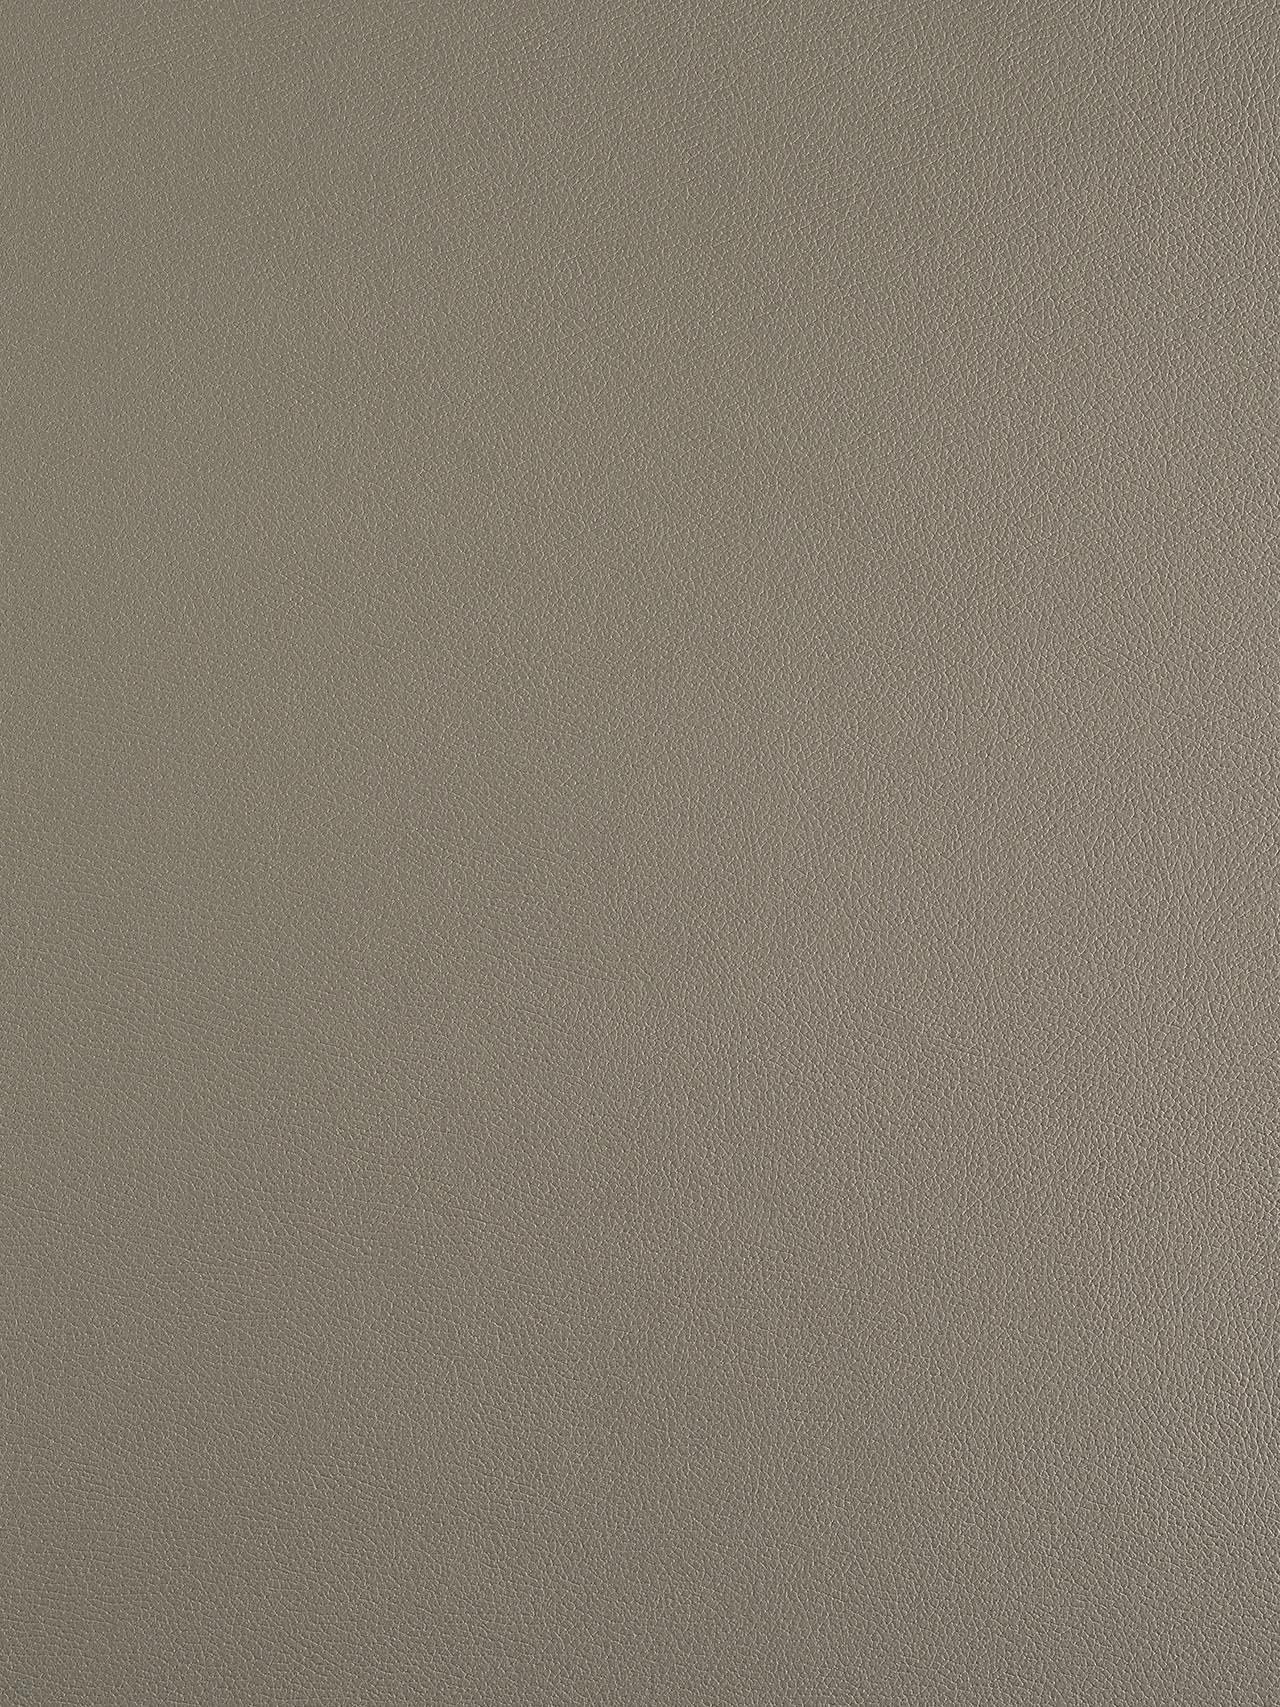 ДСП UB07 18мм Primo Fiore 2800х2070мм